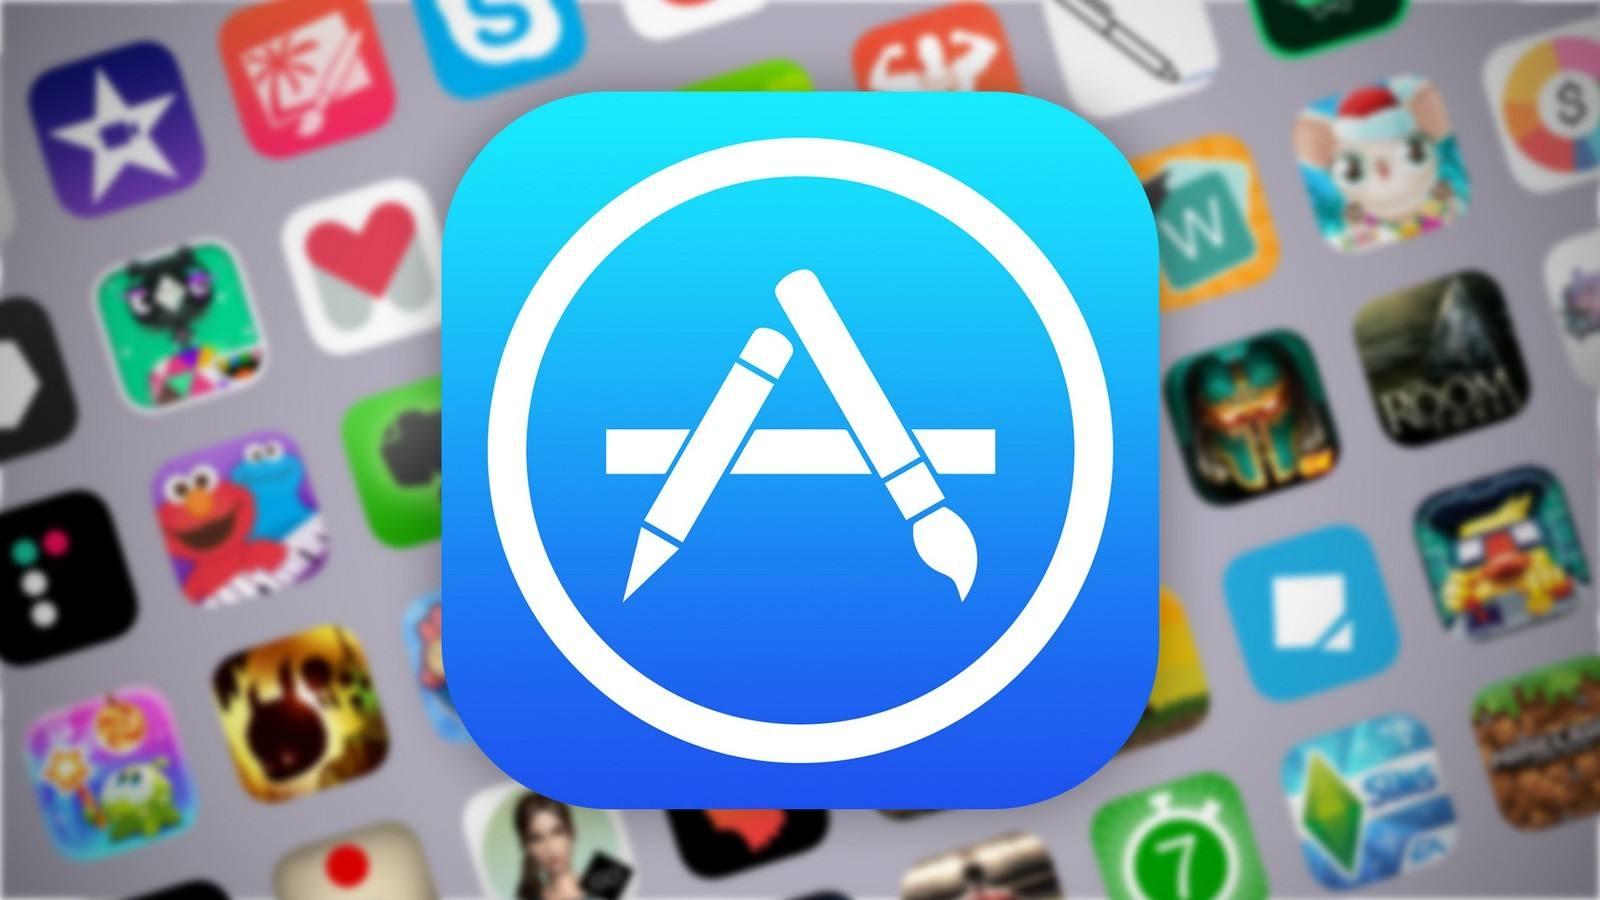 科技早闻:苹果股票创六个半月新低;链家员工冒用客户信息